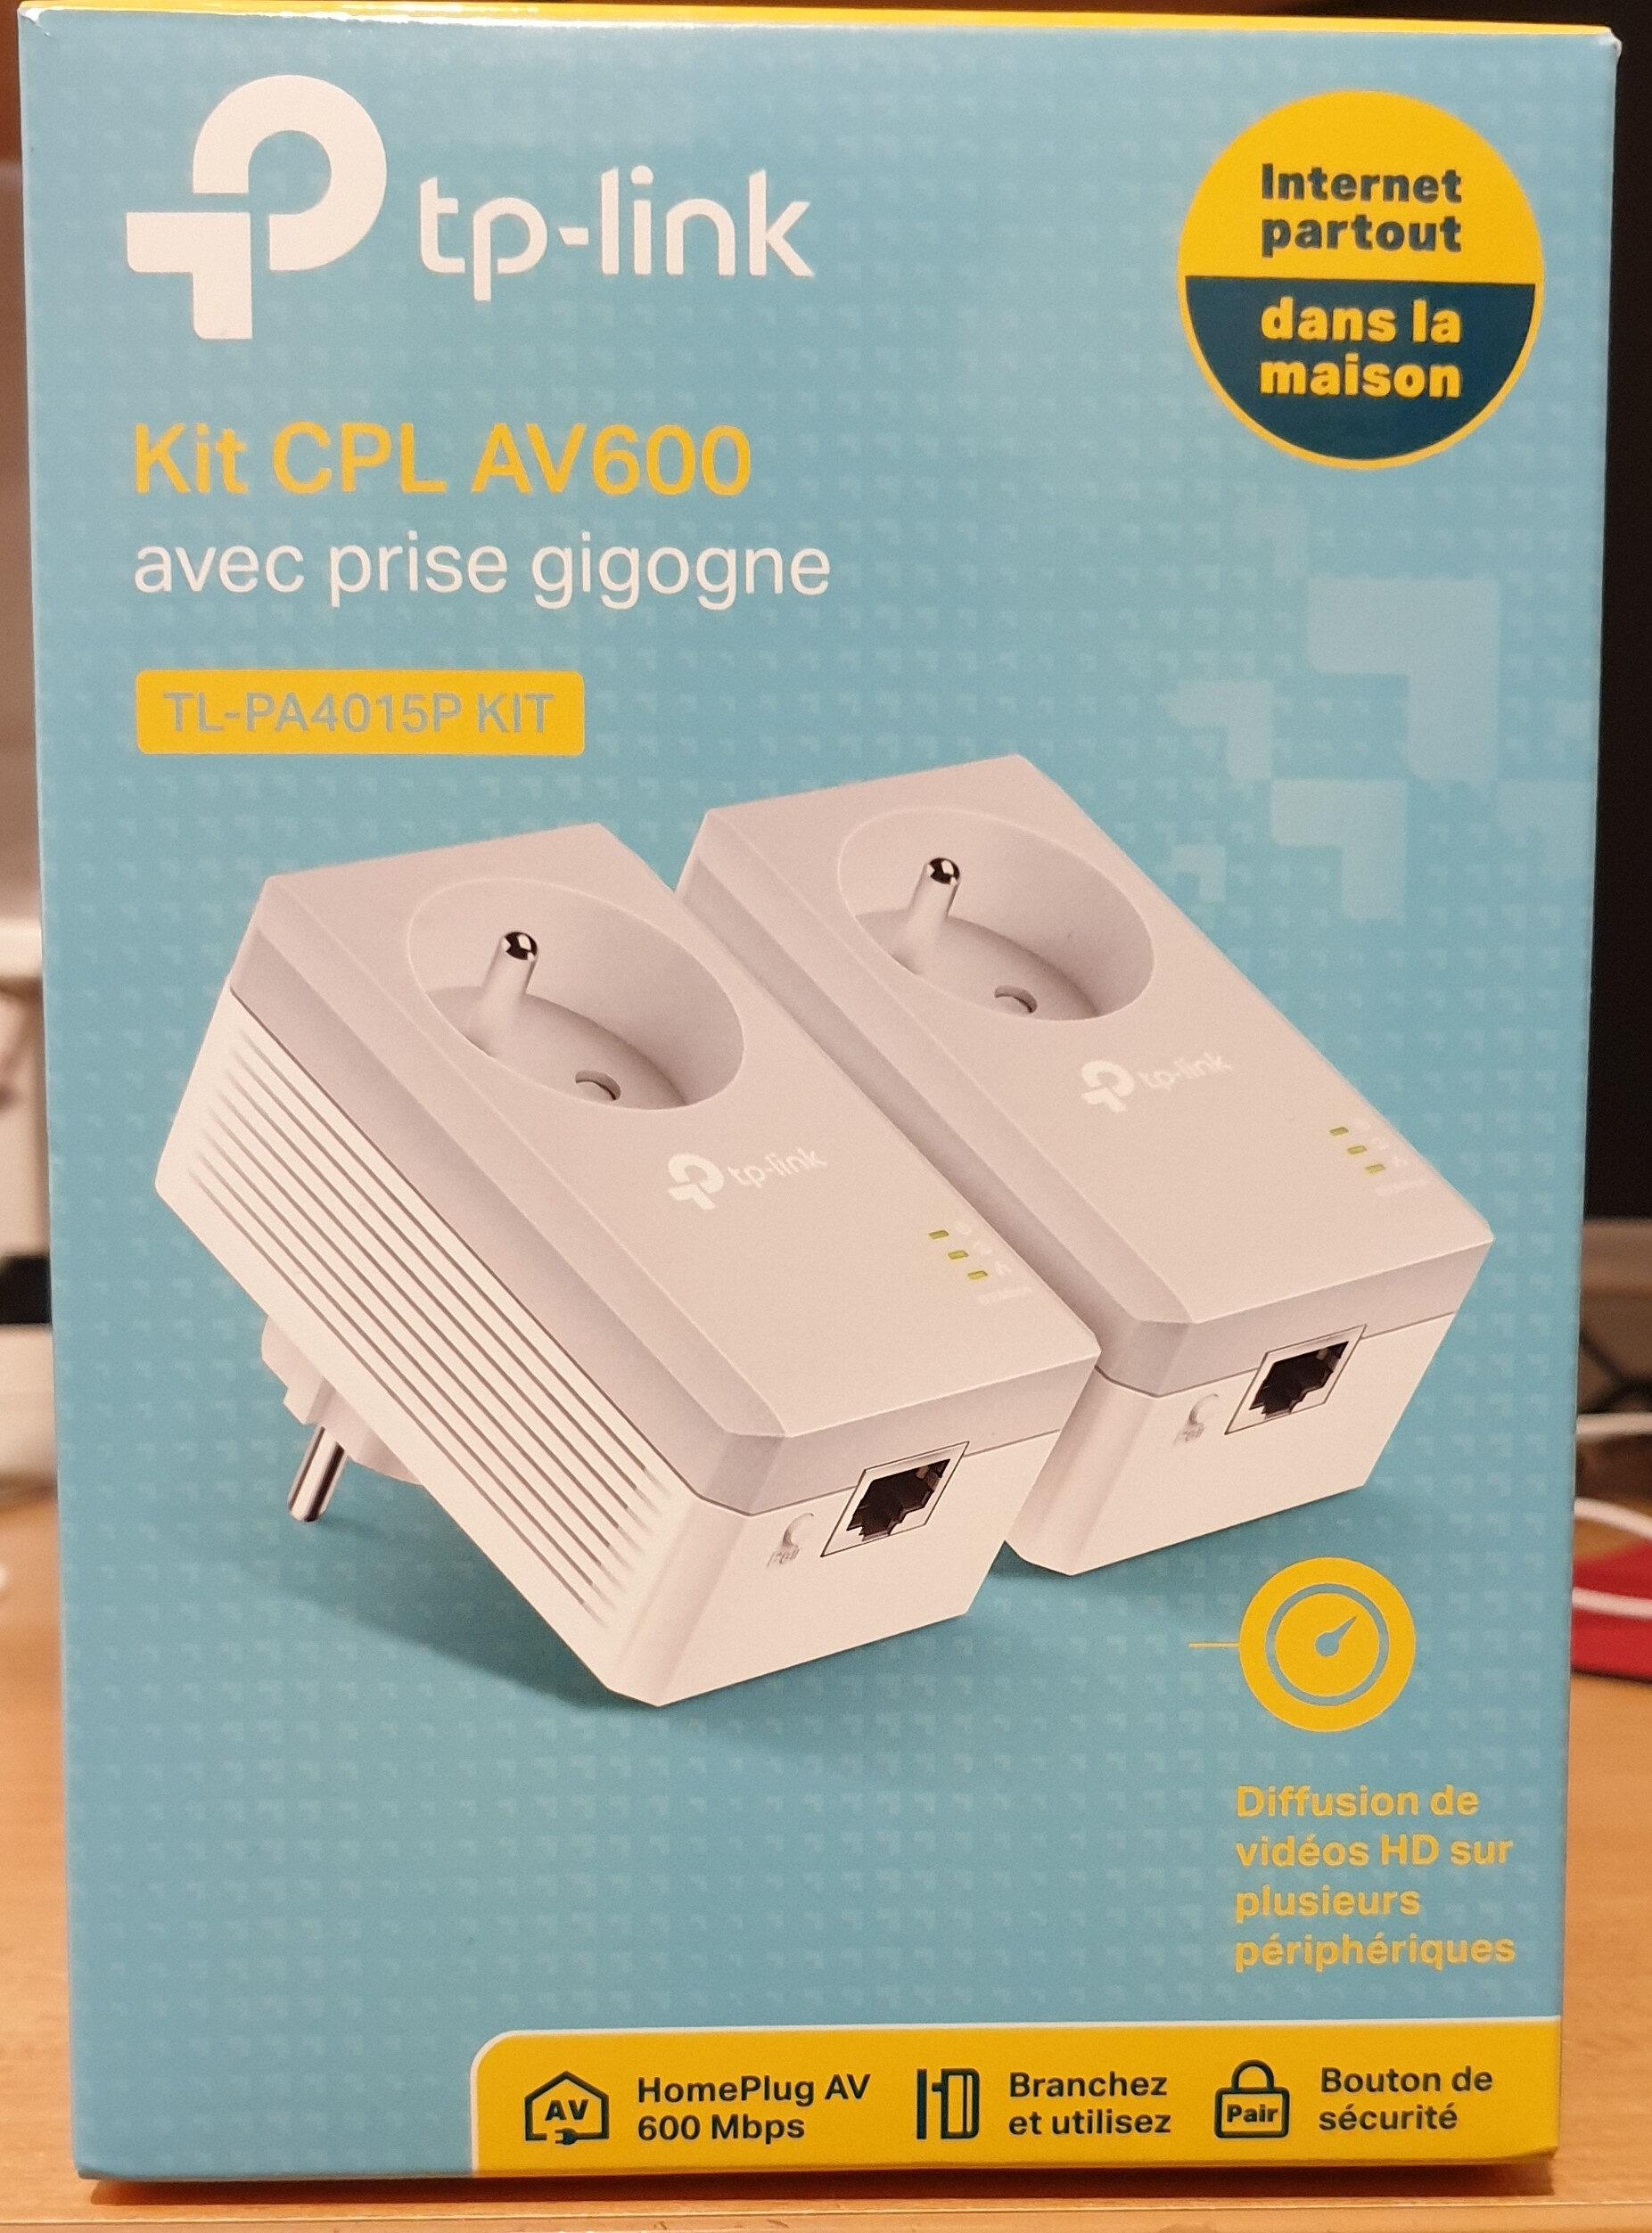 Kit CPL AV600 - Product - fr